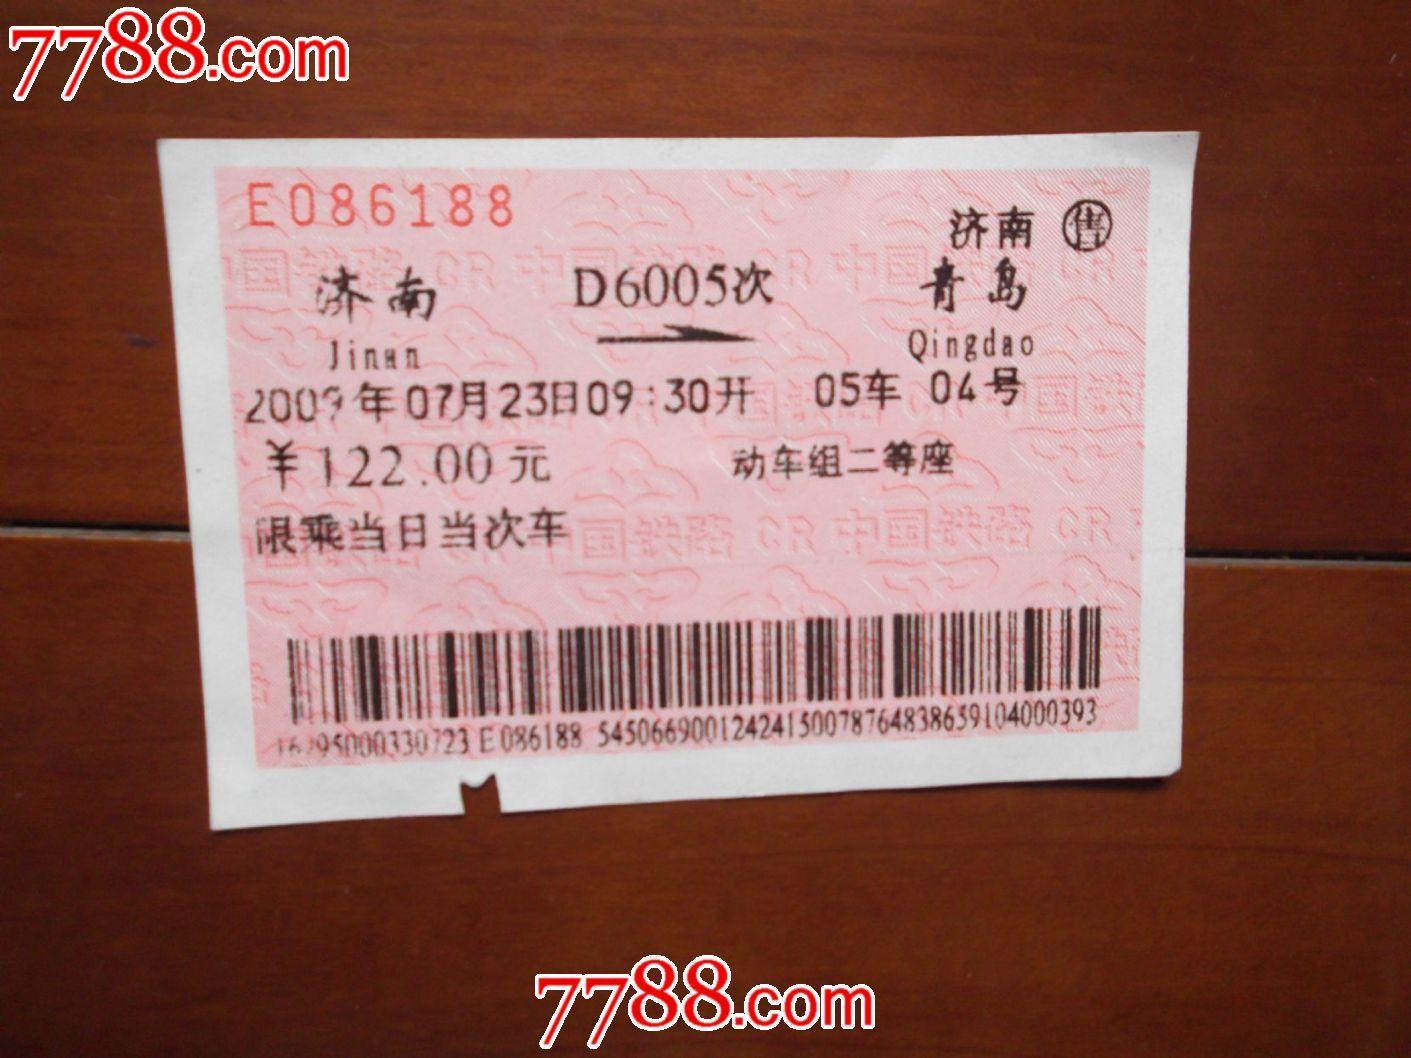 火车票(济南--青岛d6005次)